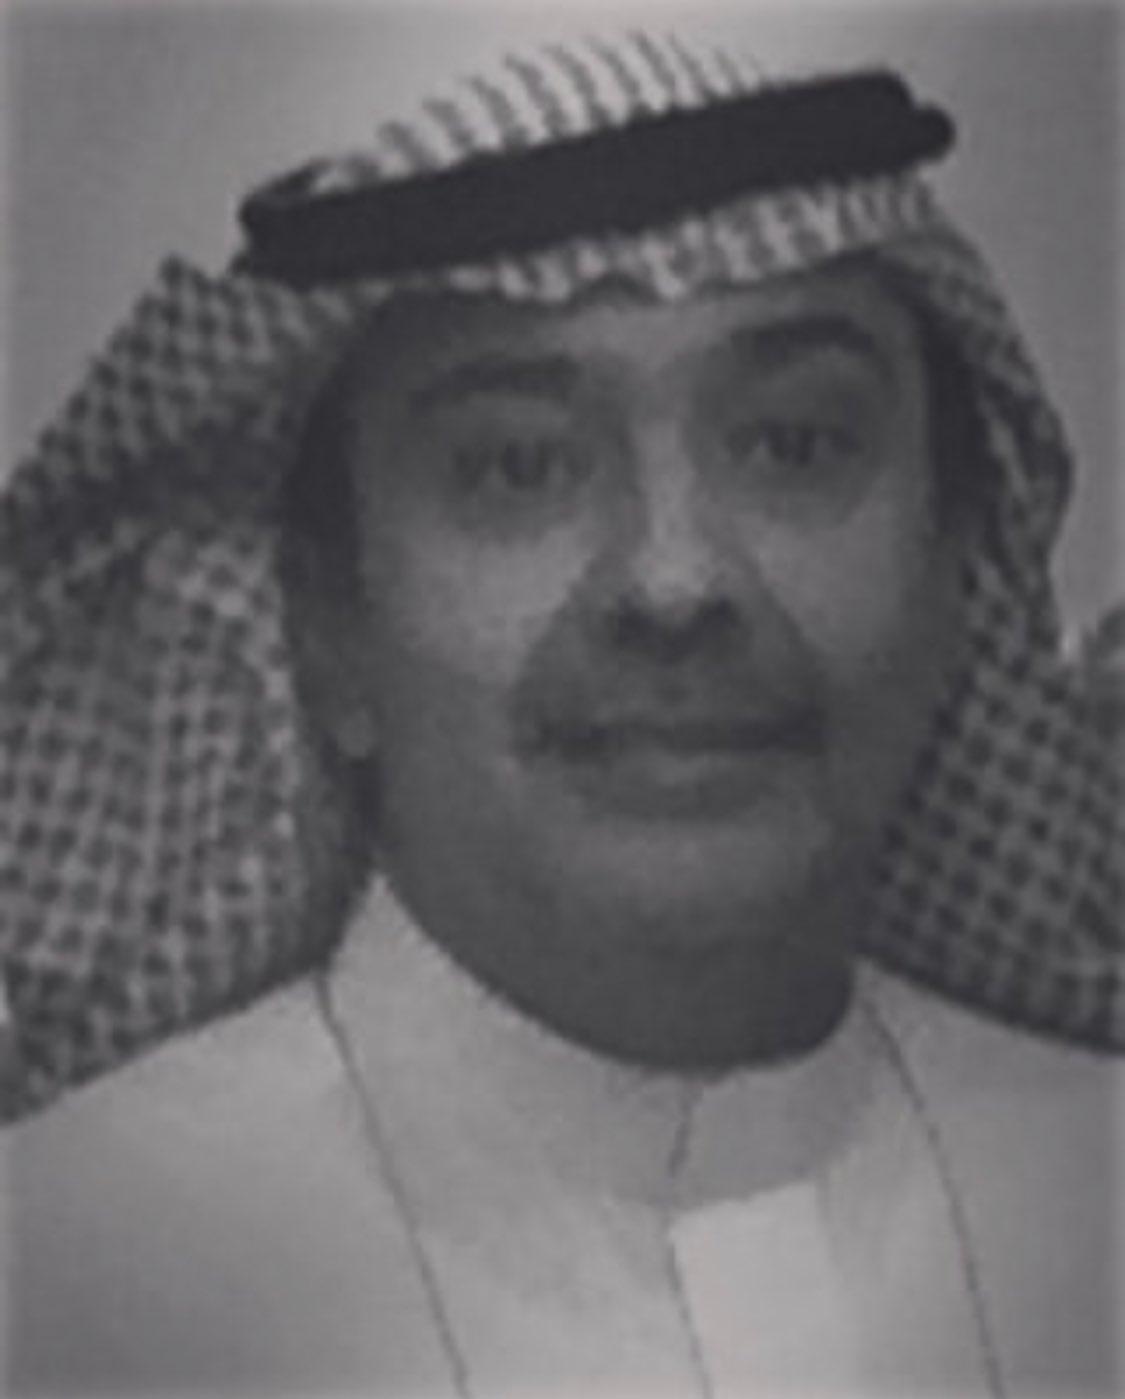 صحافة 24 نت بيان عاجل من الديوان الملكي السعودي بشأن وفاة